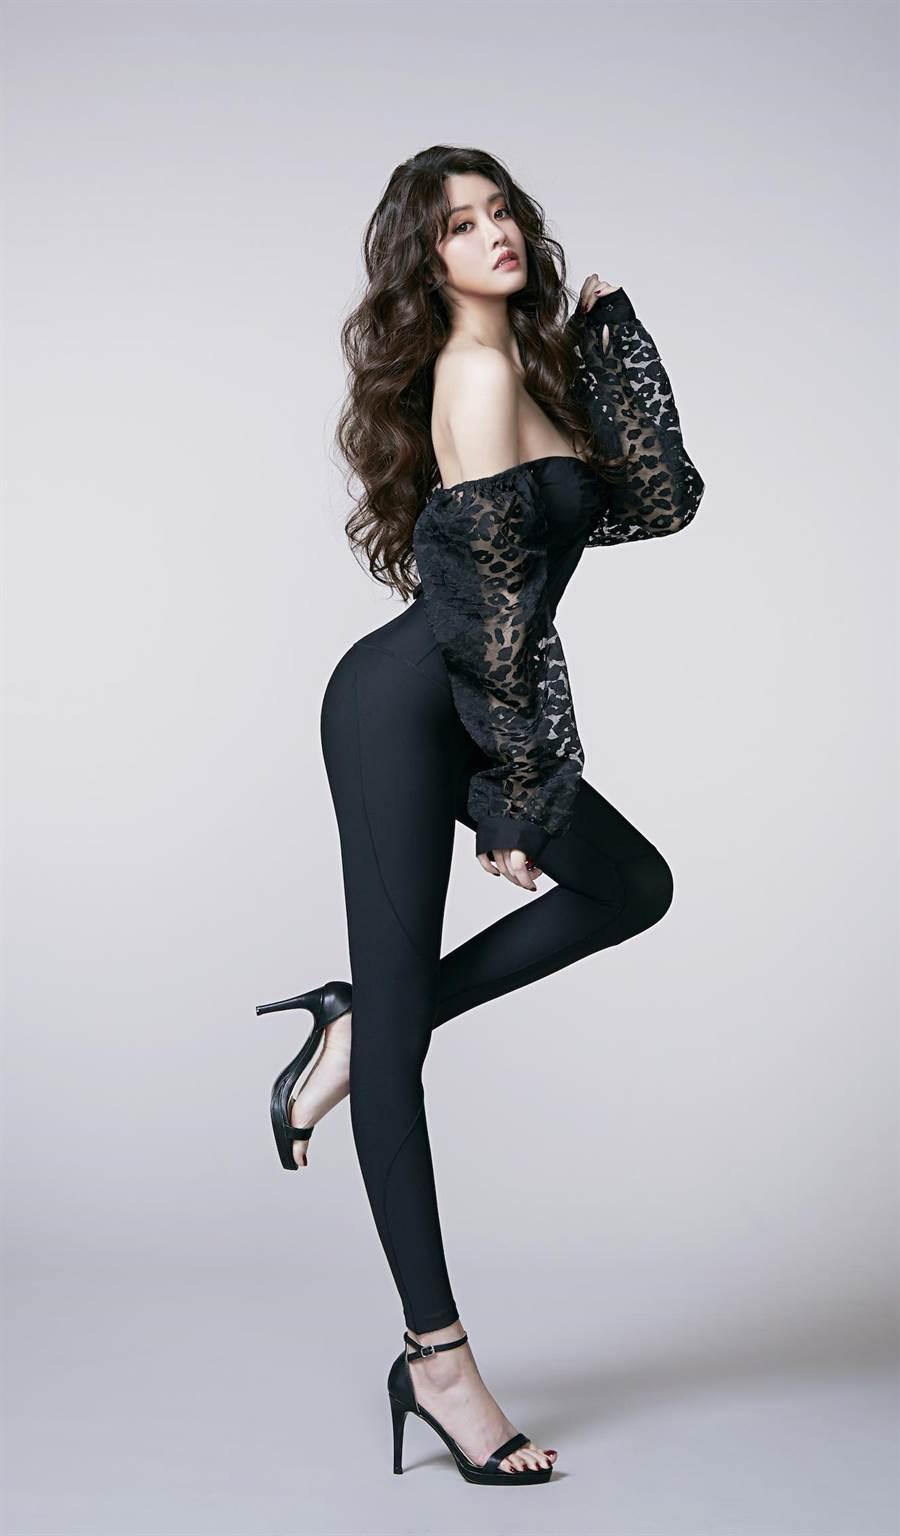 賴琳恩擔任「石墨烯代謝神褲」形象大使。(伊林娛樂提供)